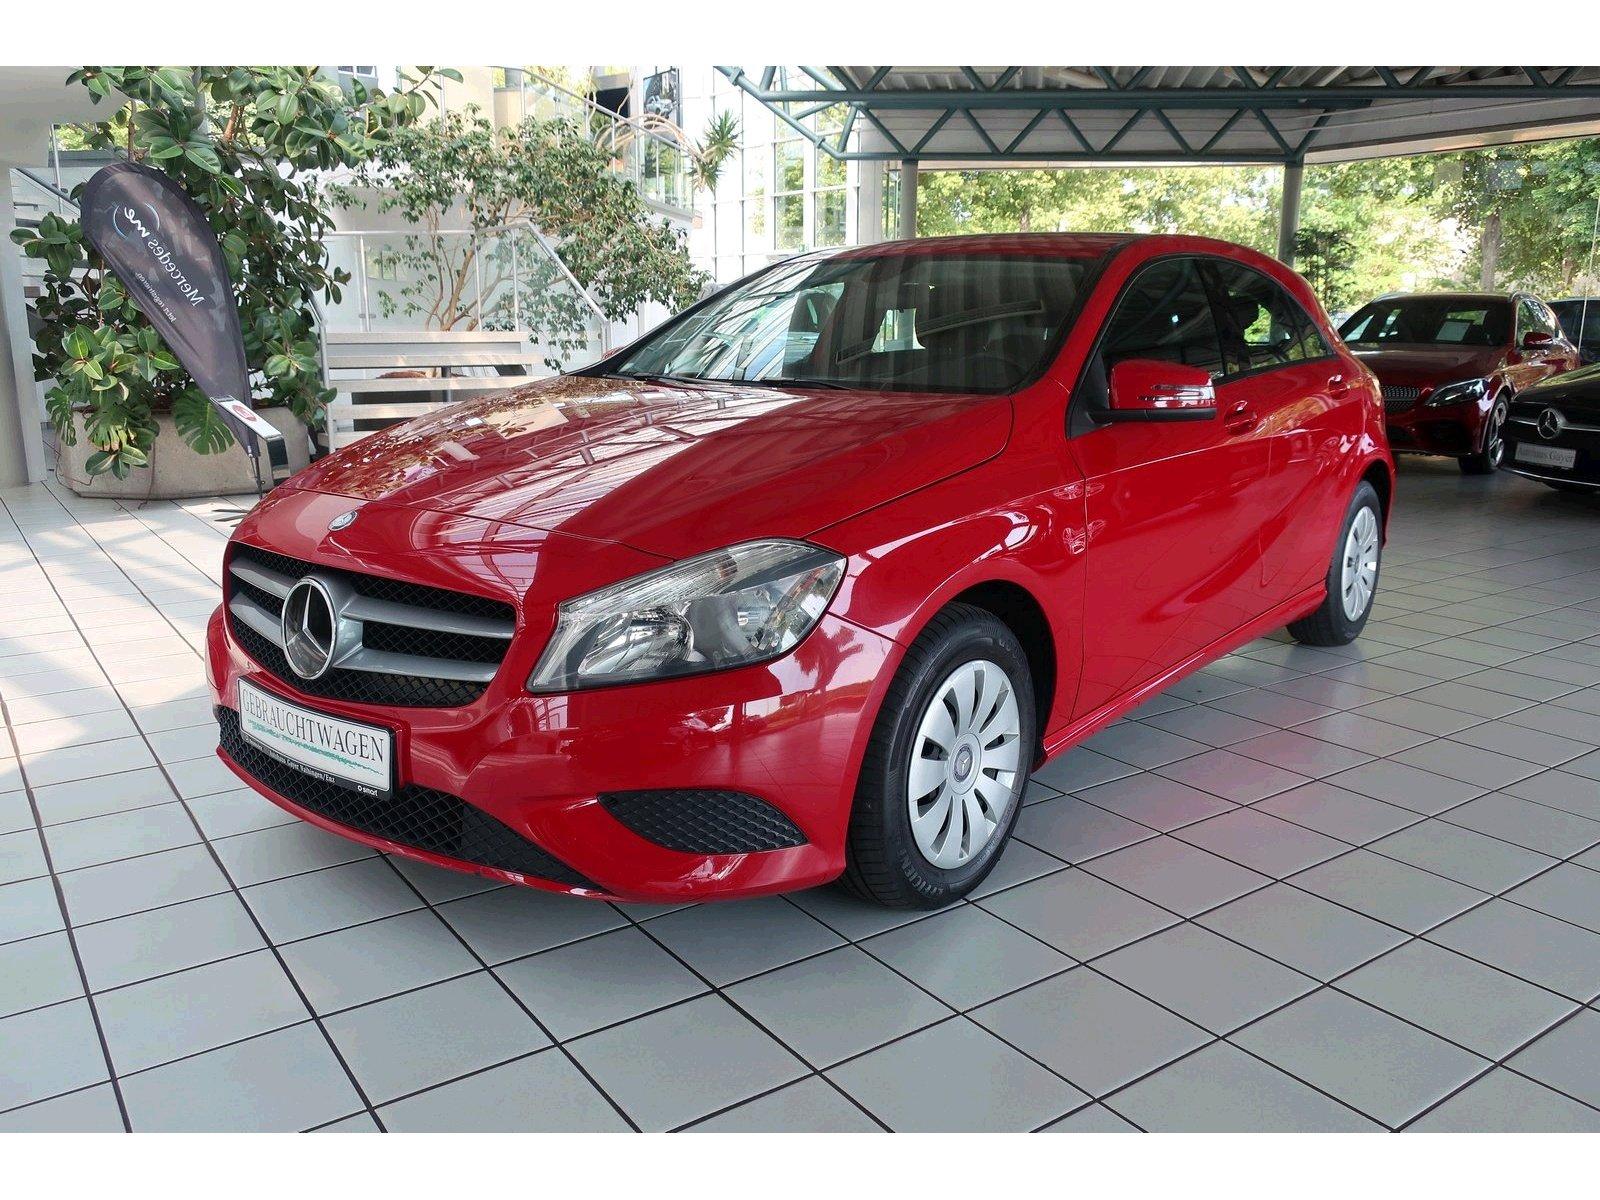 Mercedes-Benz A 180 CDI Klimaanlage BlueEfficiency, Jahr 2013, Diesel